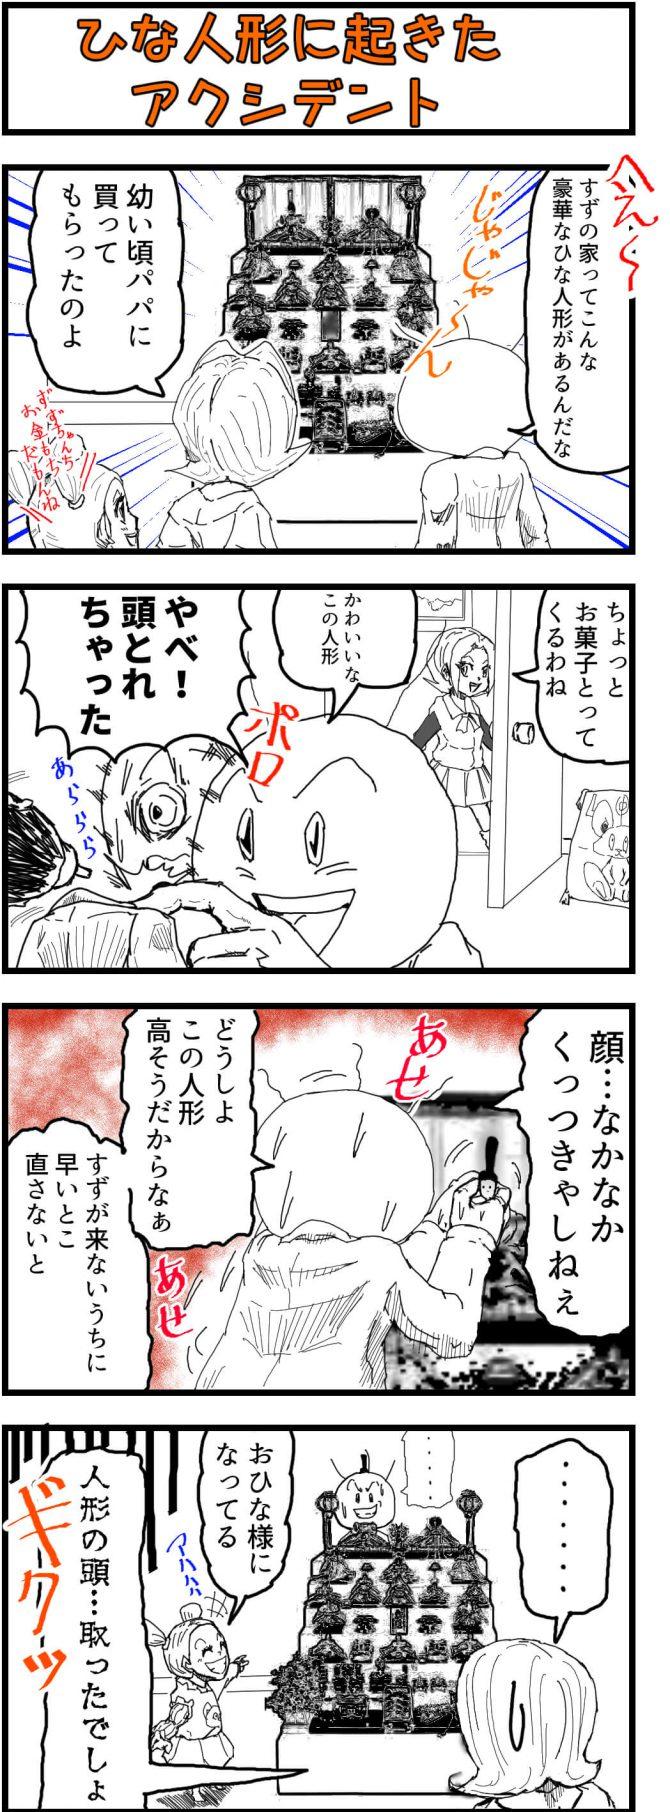 ひな人形,4コマ漫画